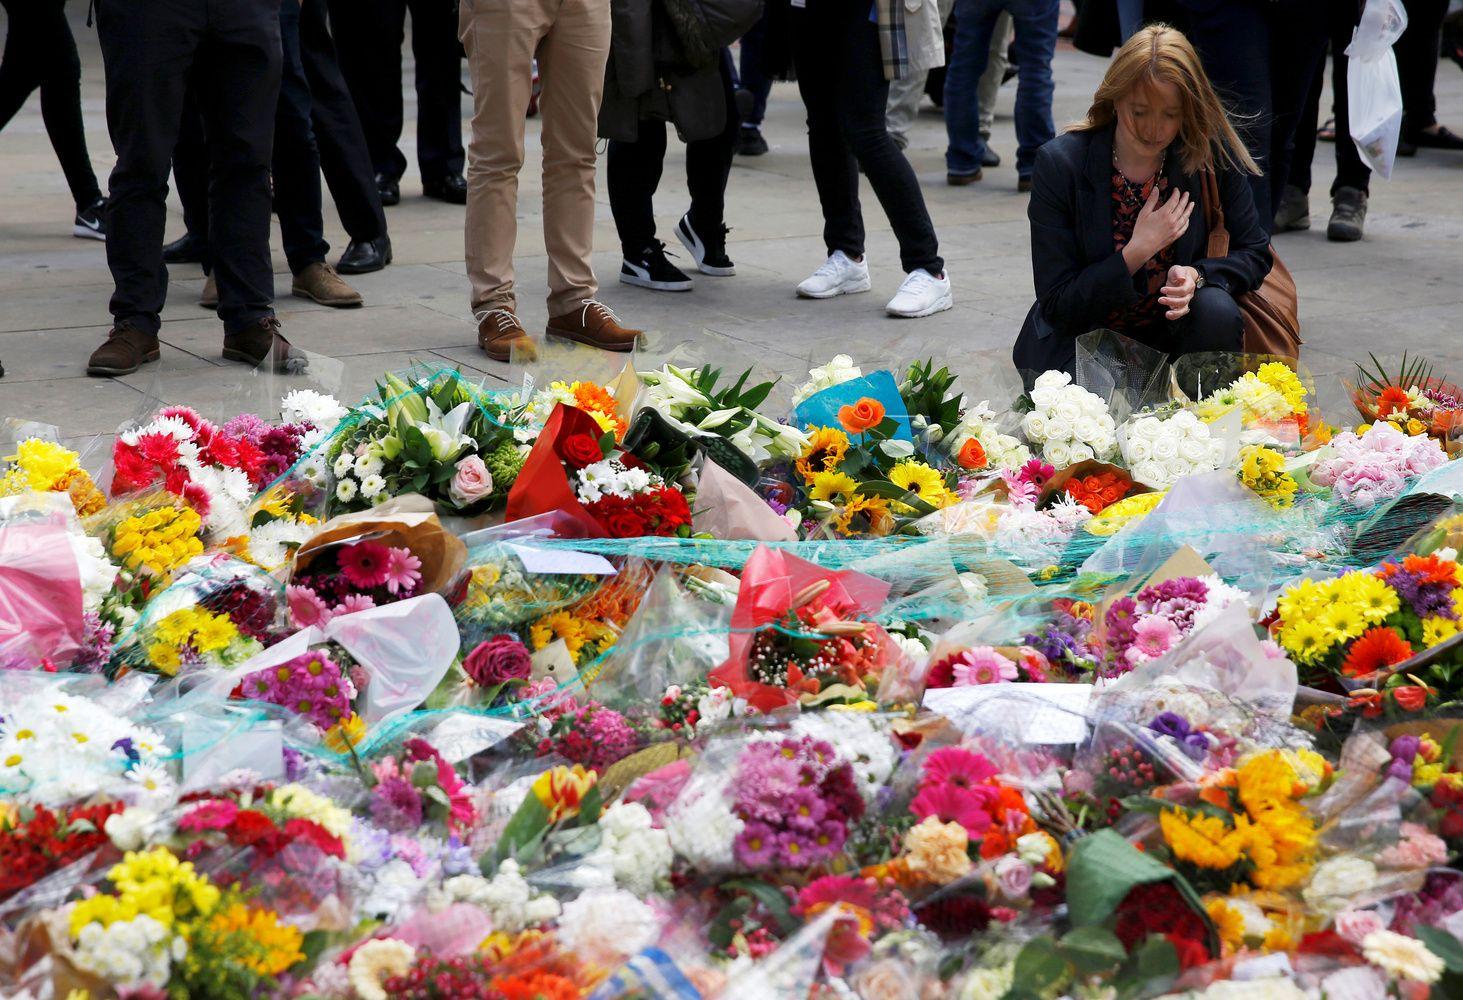 Įvardytos 7 iš 8 Londono atakos aukų, dar vienas įtariamasissulaikytas